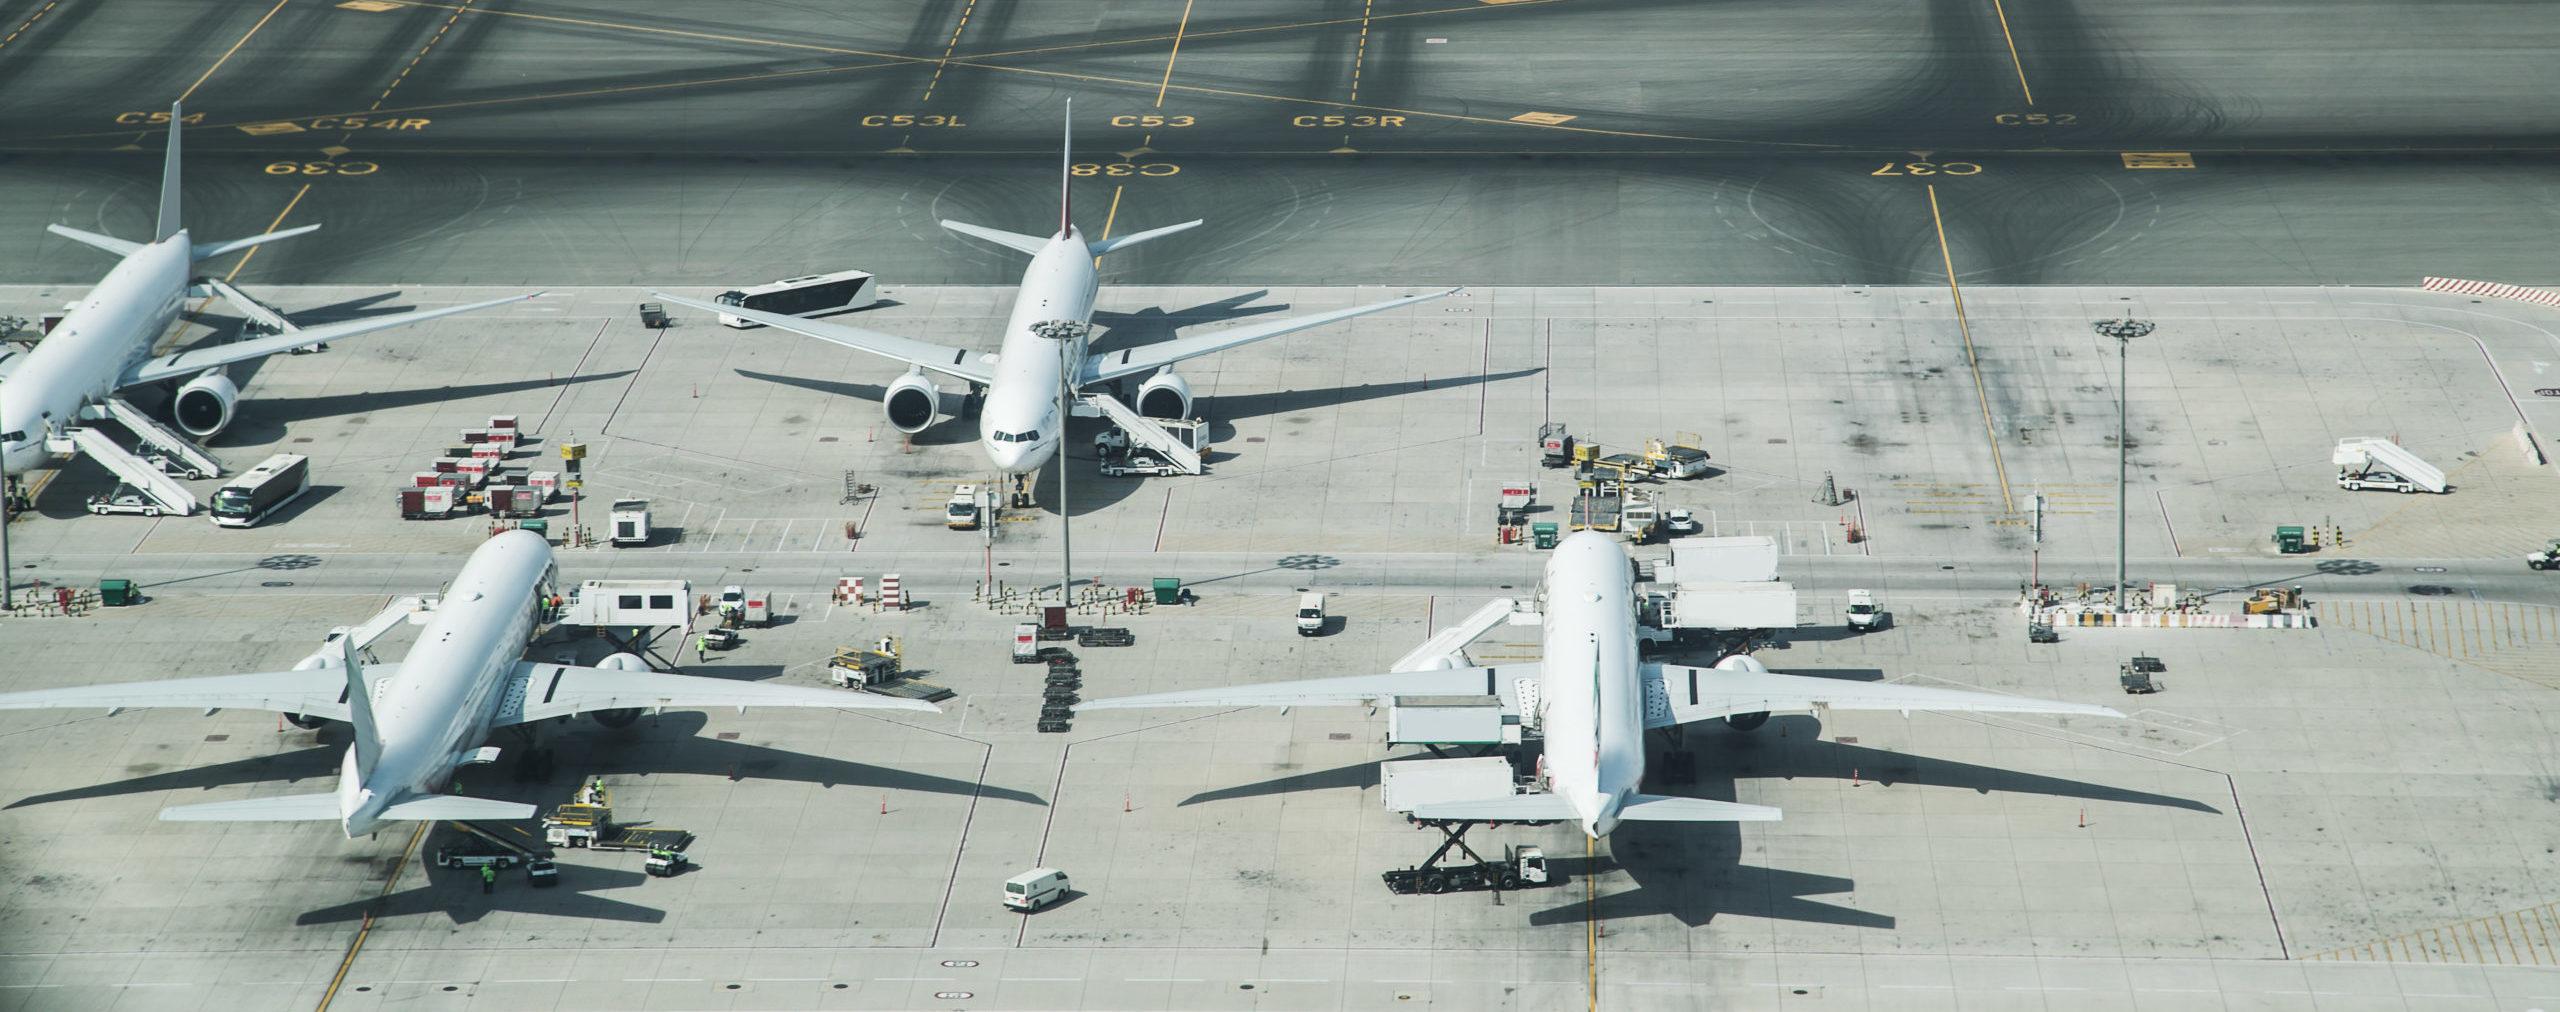 Гражданская и военная авиация